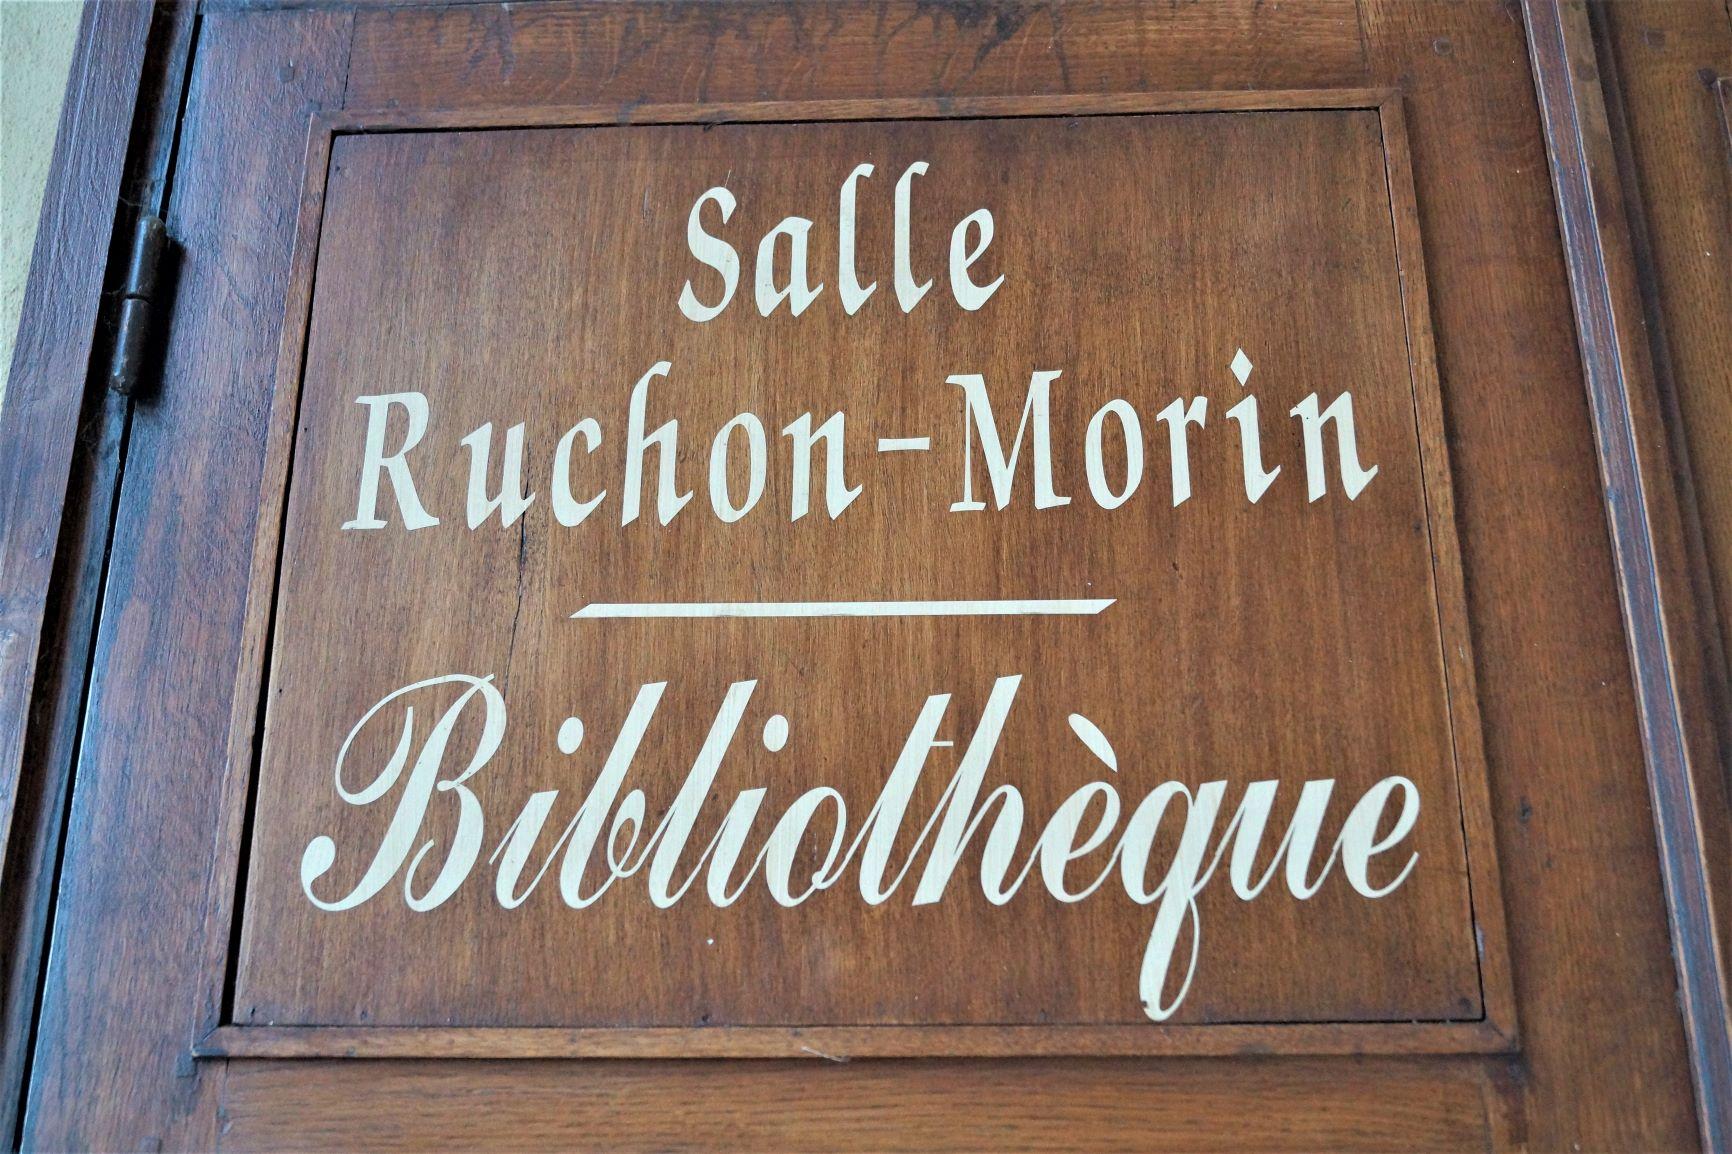 La Médiathèque – Musée Ruchon-Morin